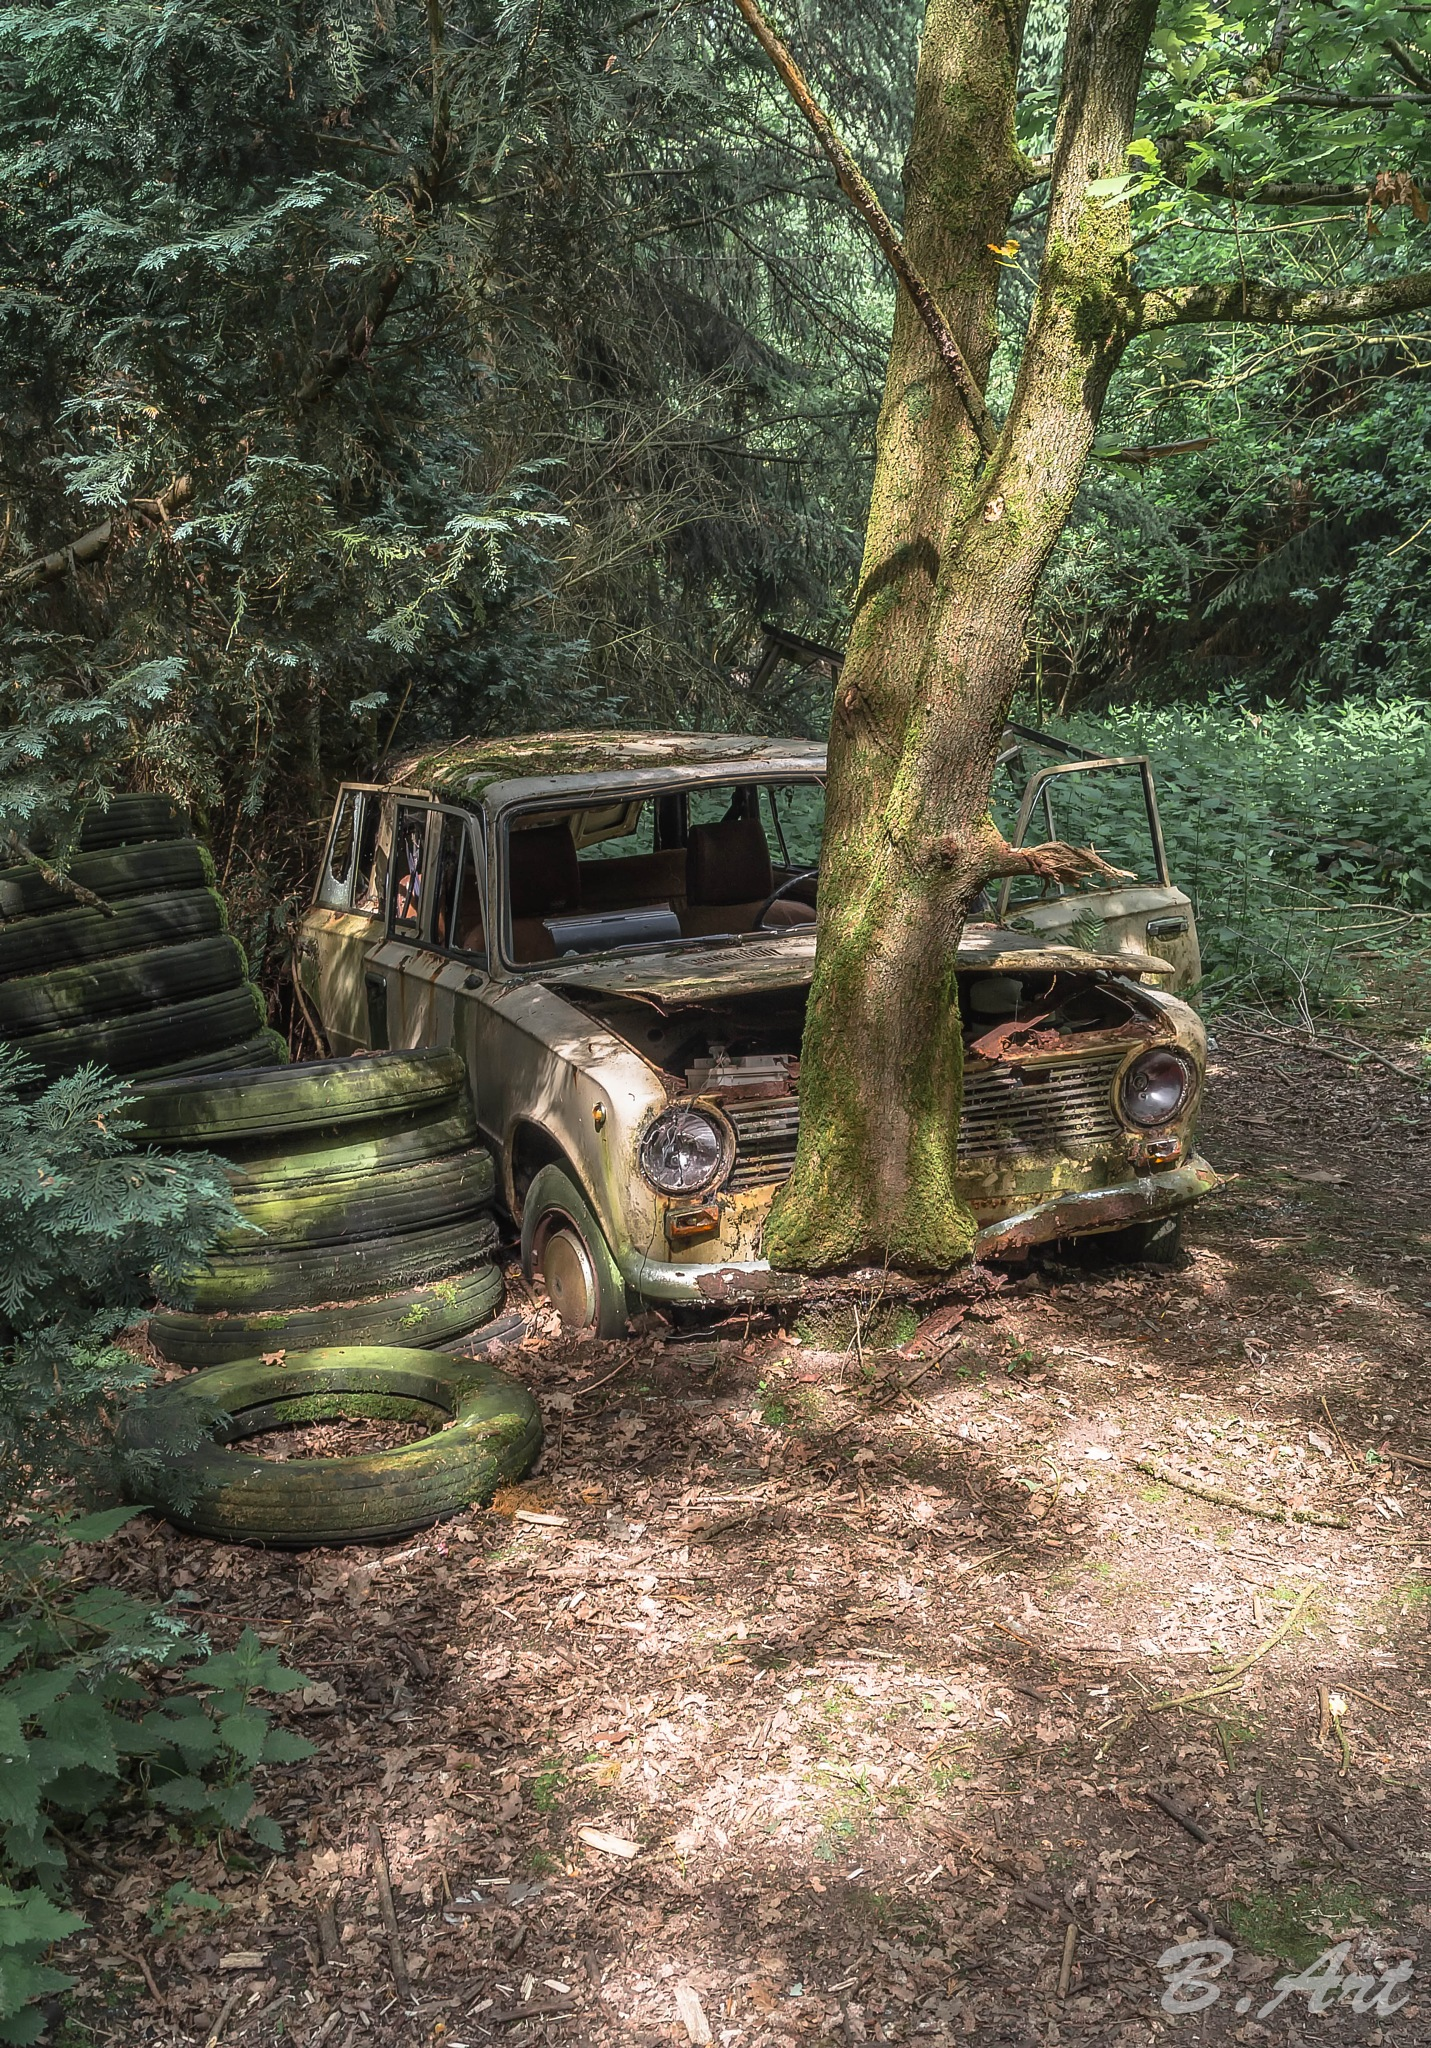 lost car by Bart van Reeth